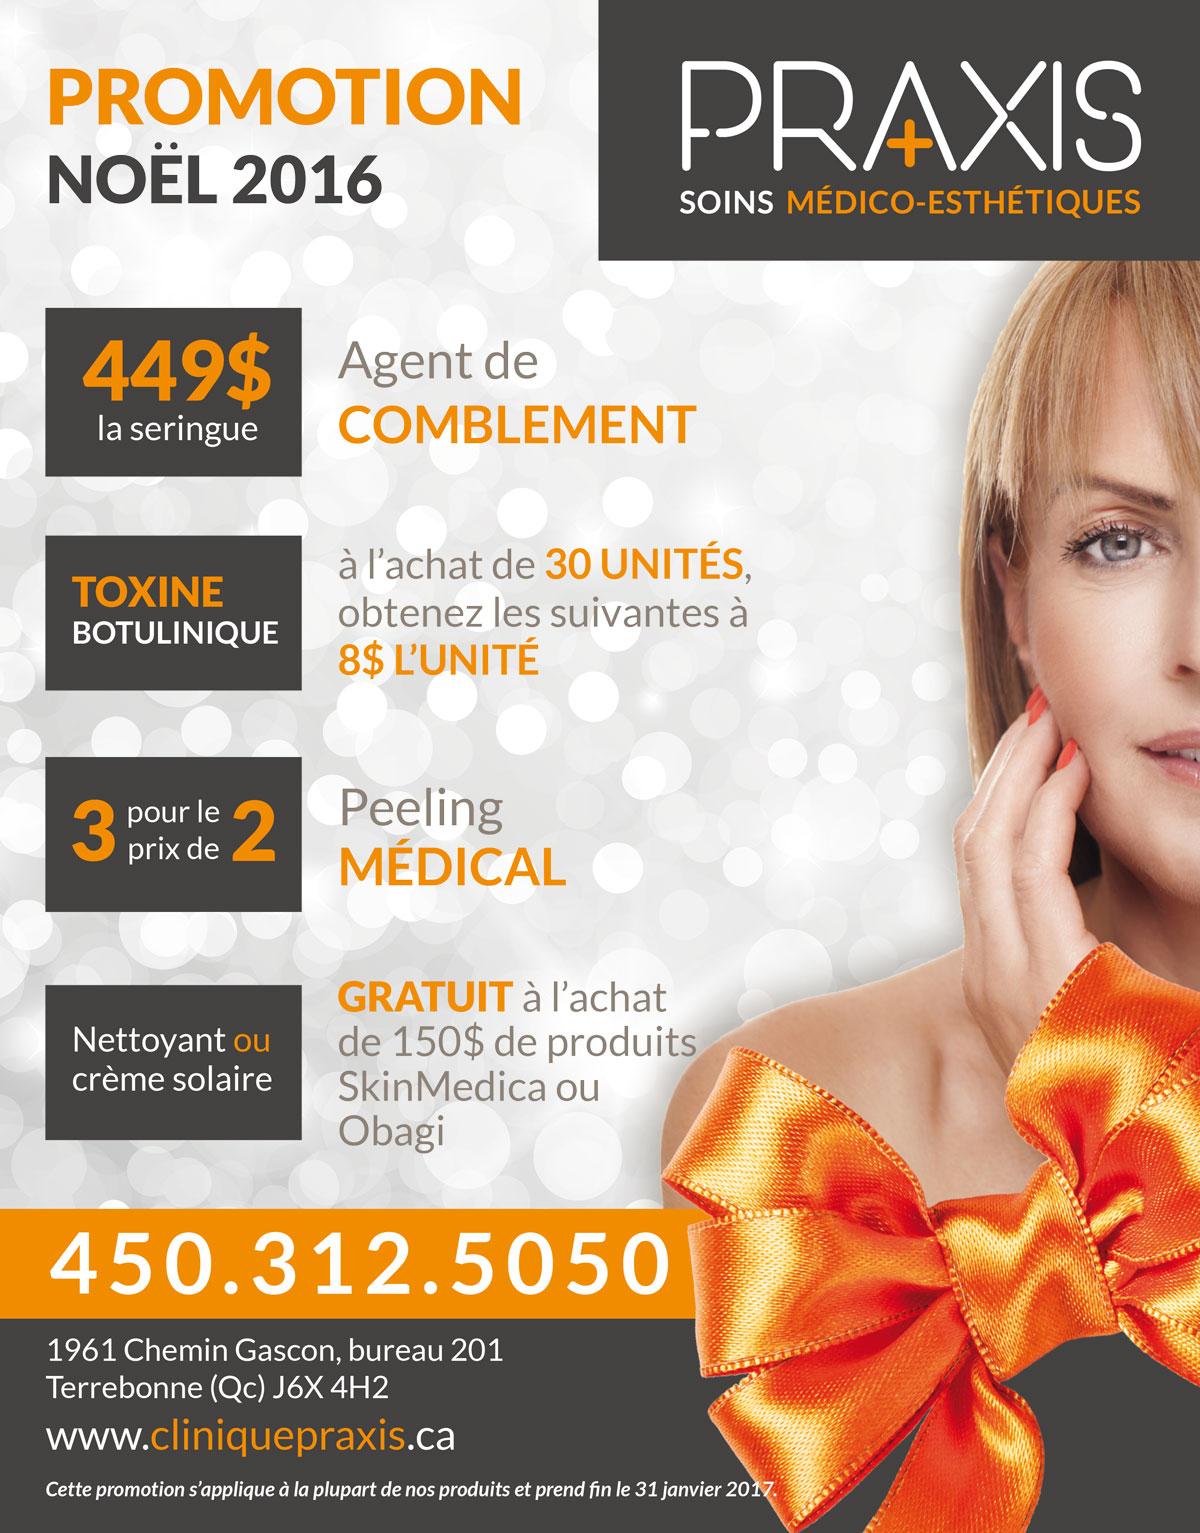 promotion_noel2016